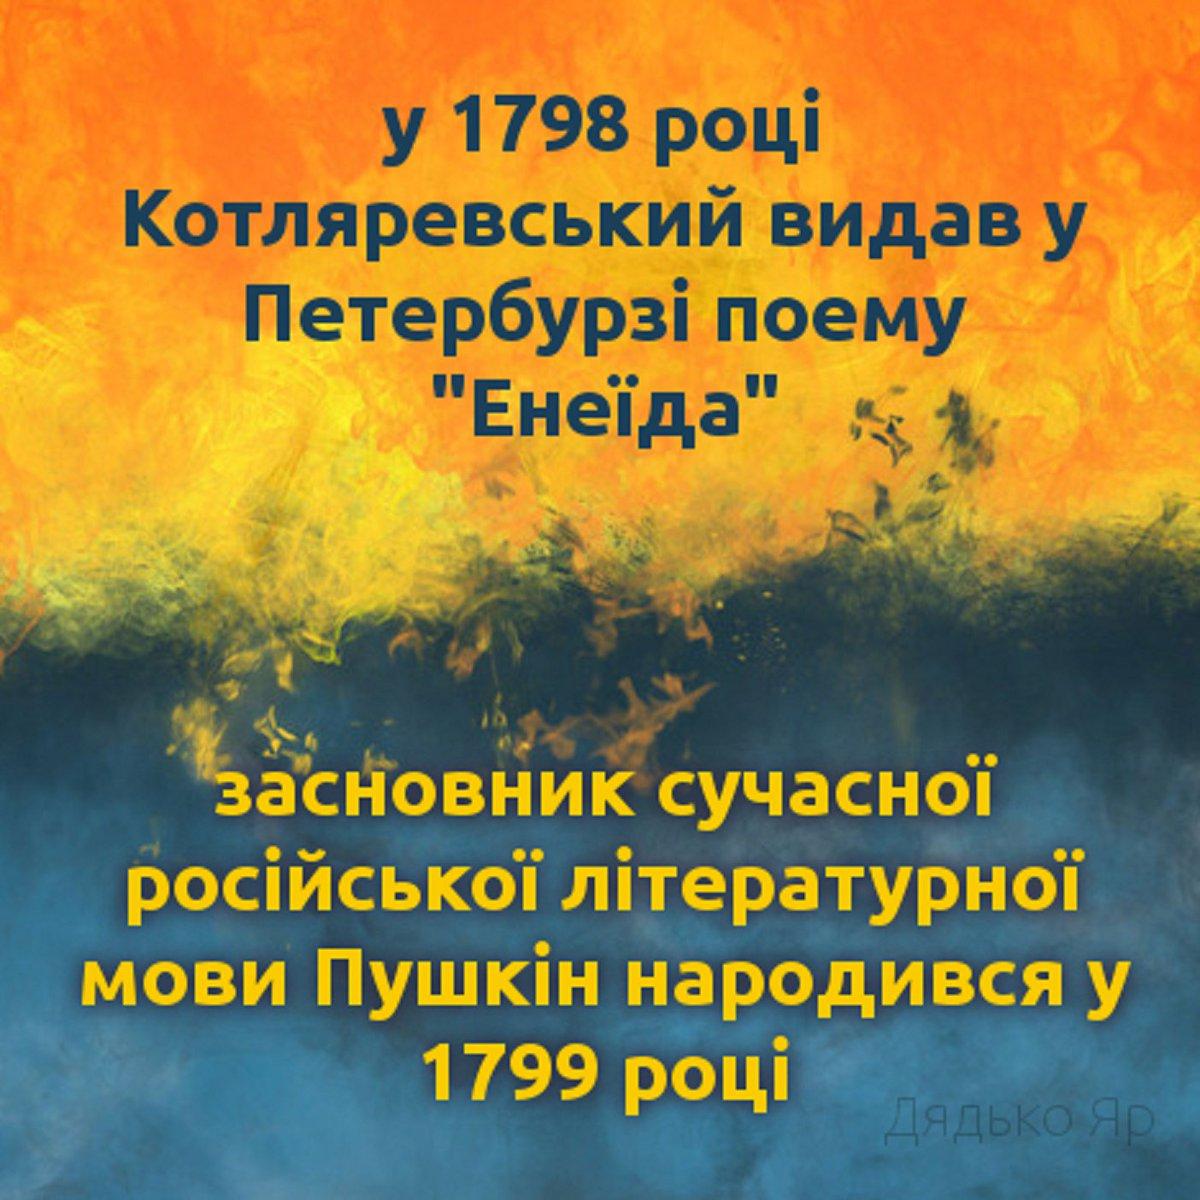 Из-за ухудшения погоды в Киеве создан специальный оперативный штаб - Цензор.НЕТ 3322